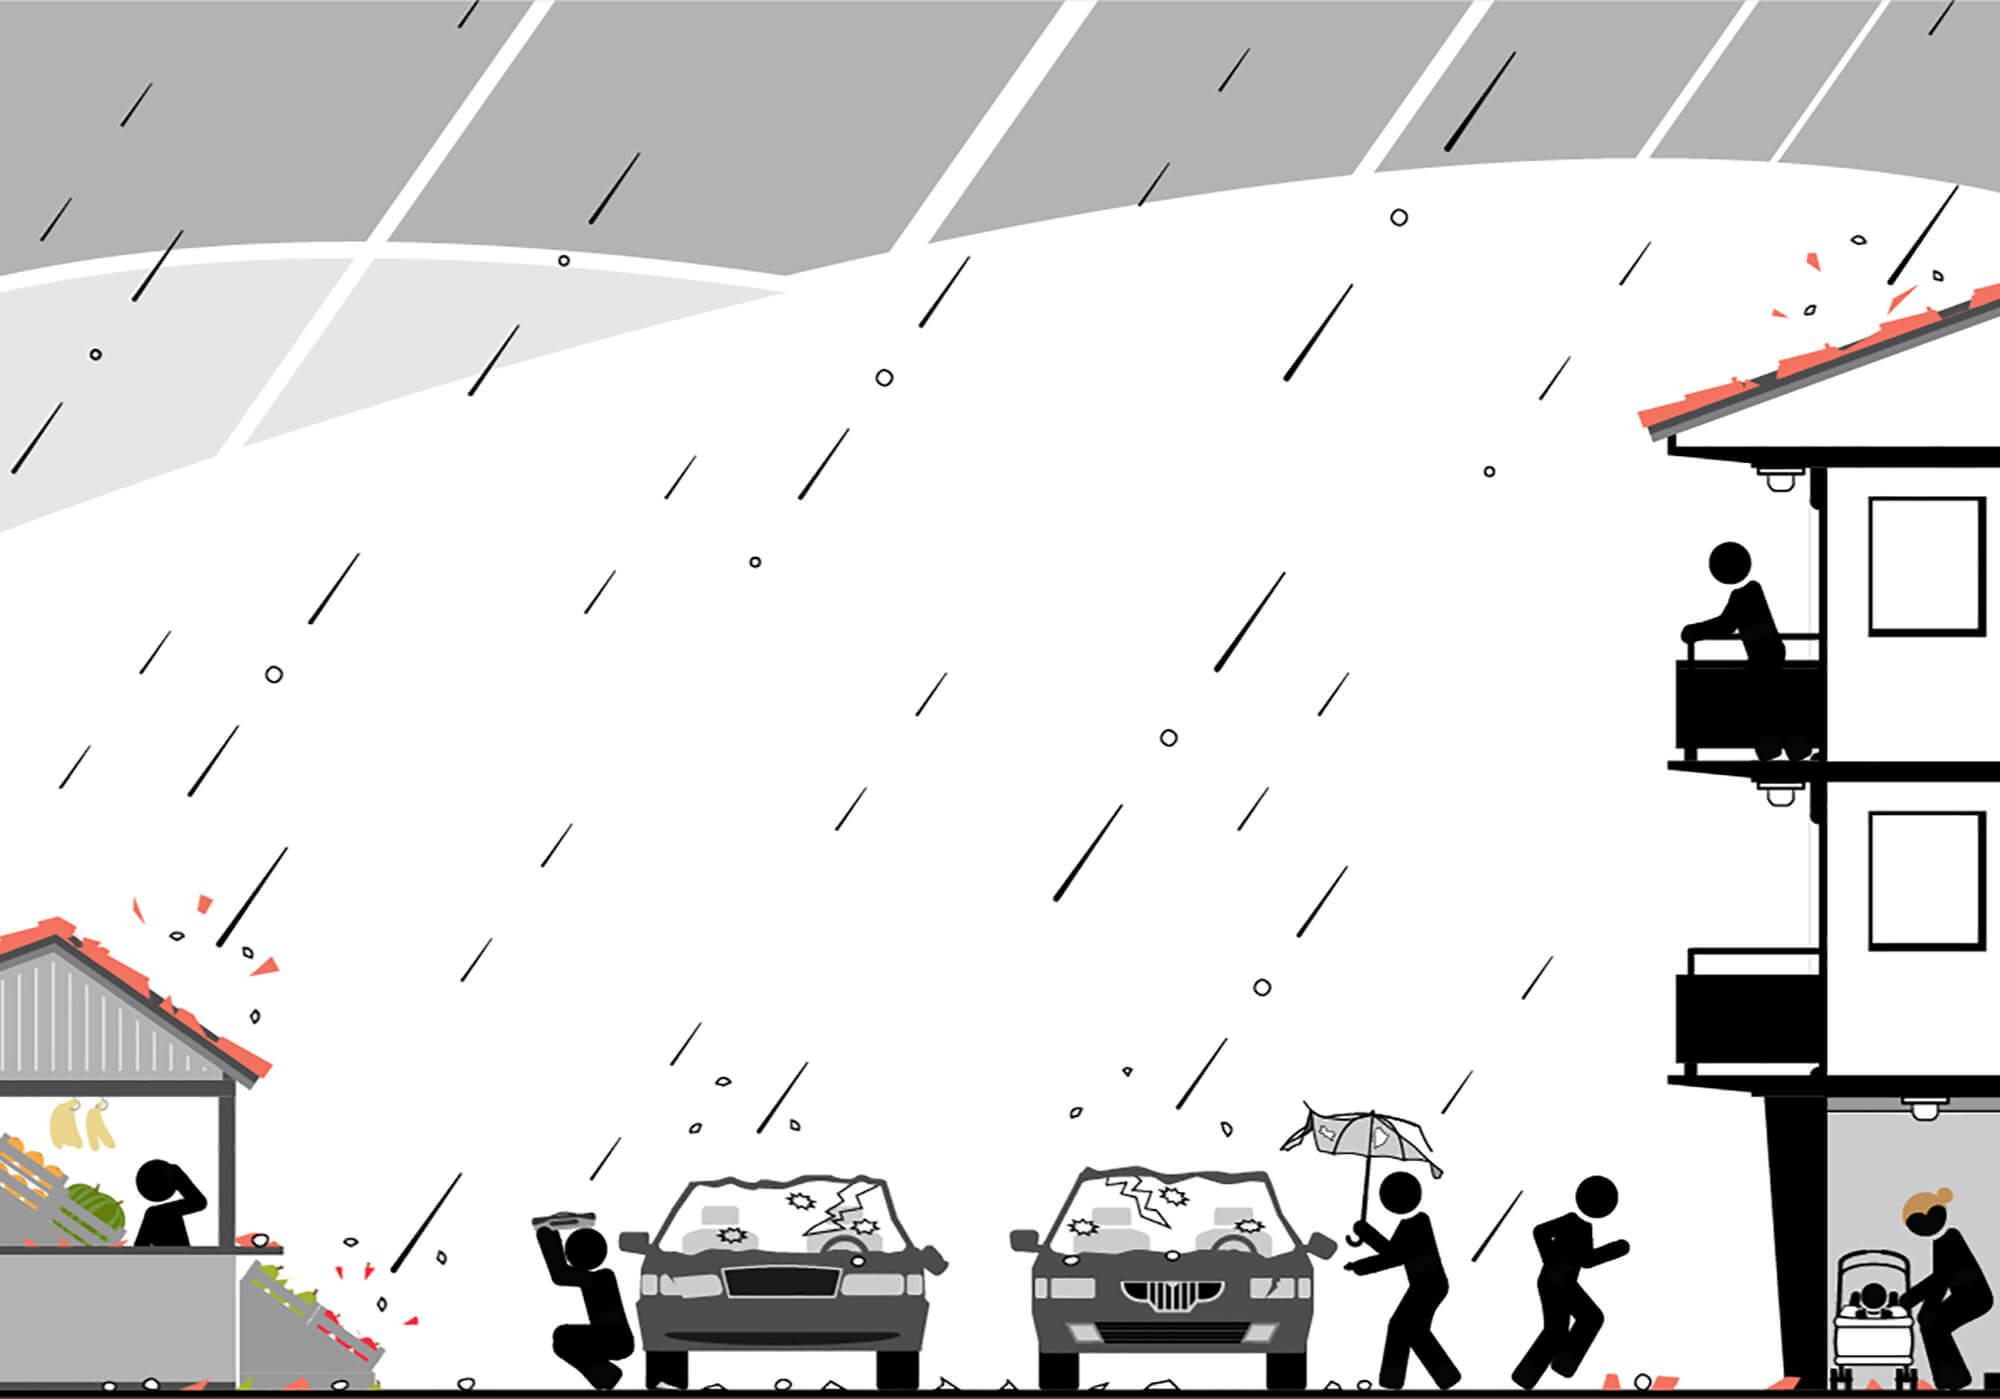 Hailstorm, Colorado the Hail Capital